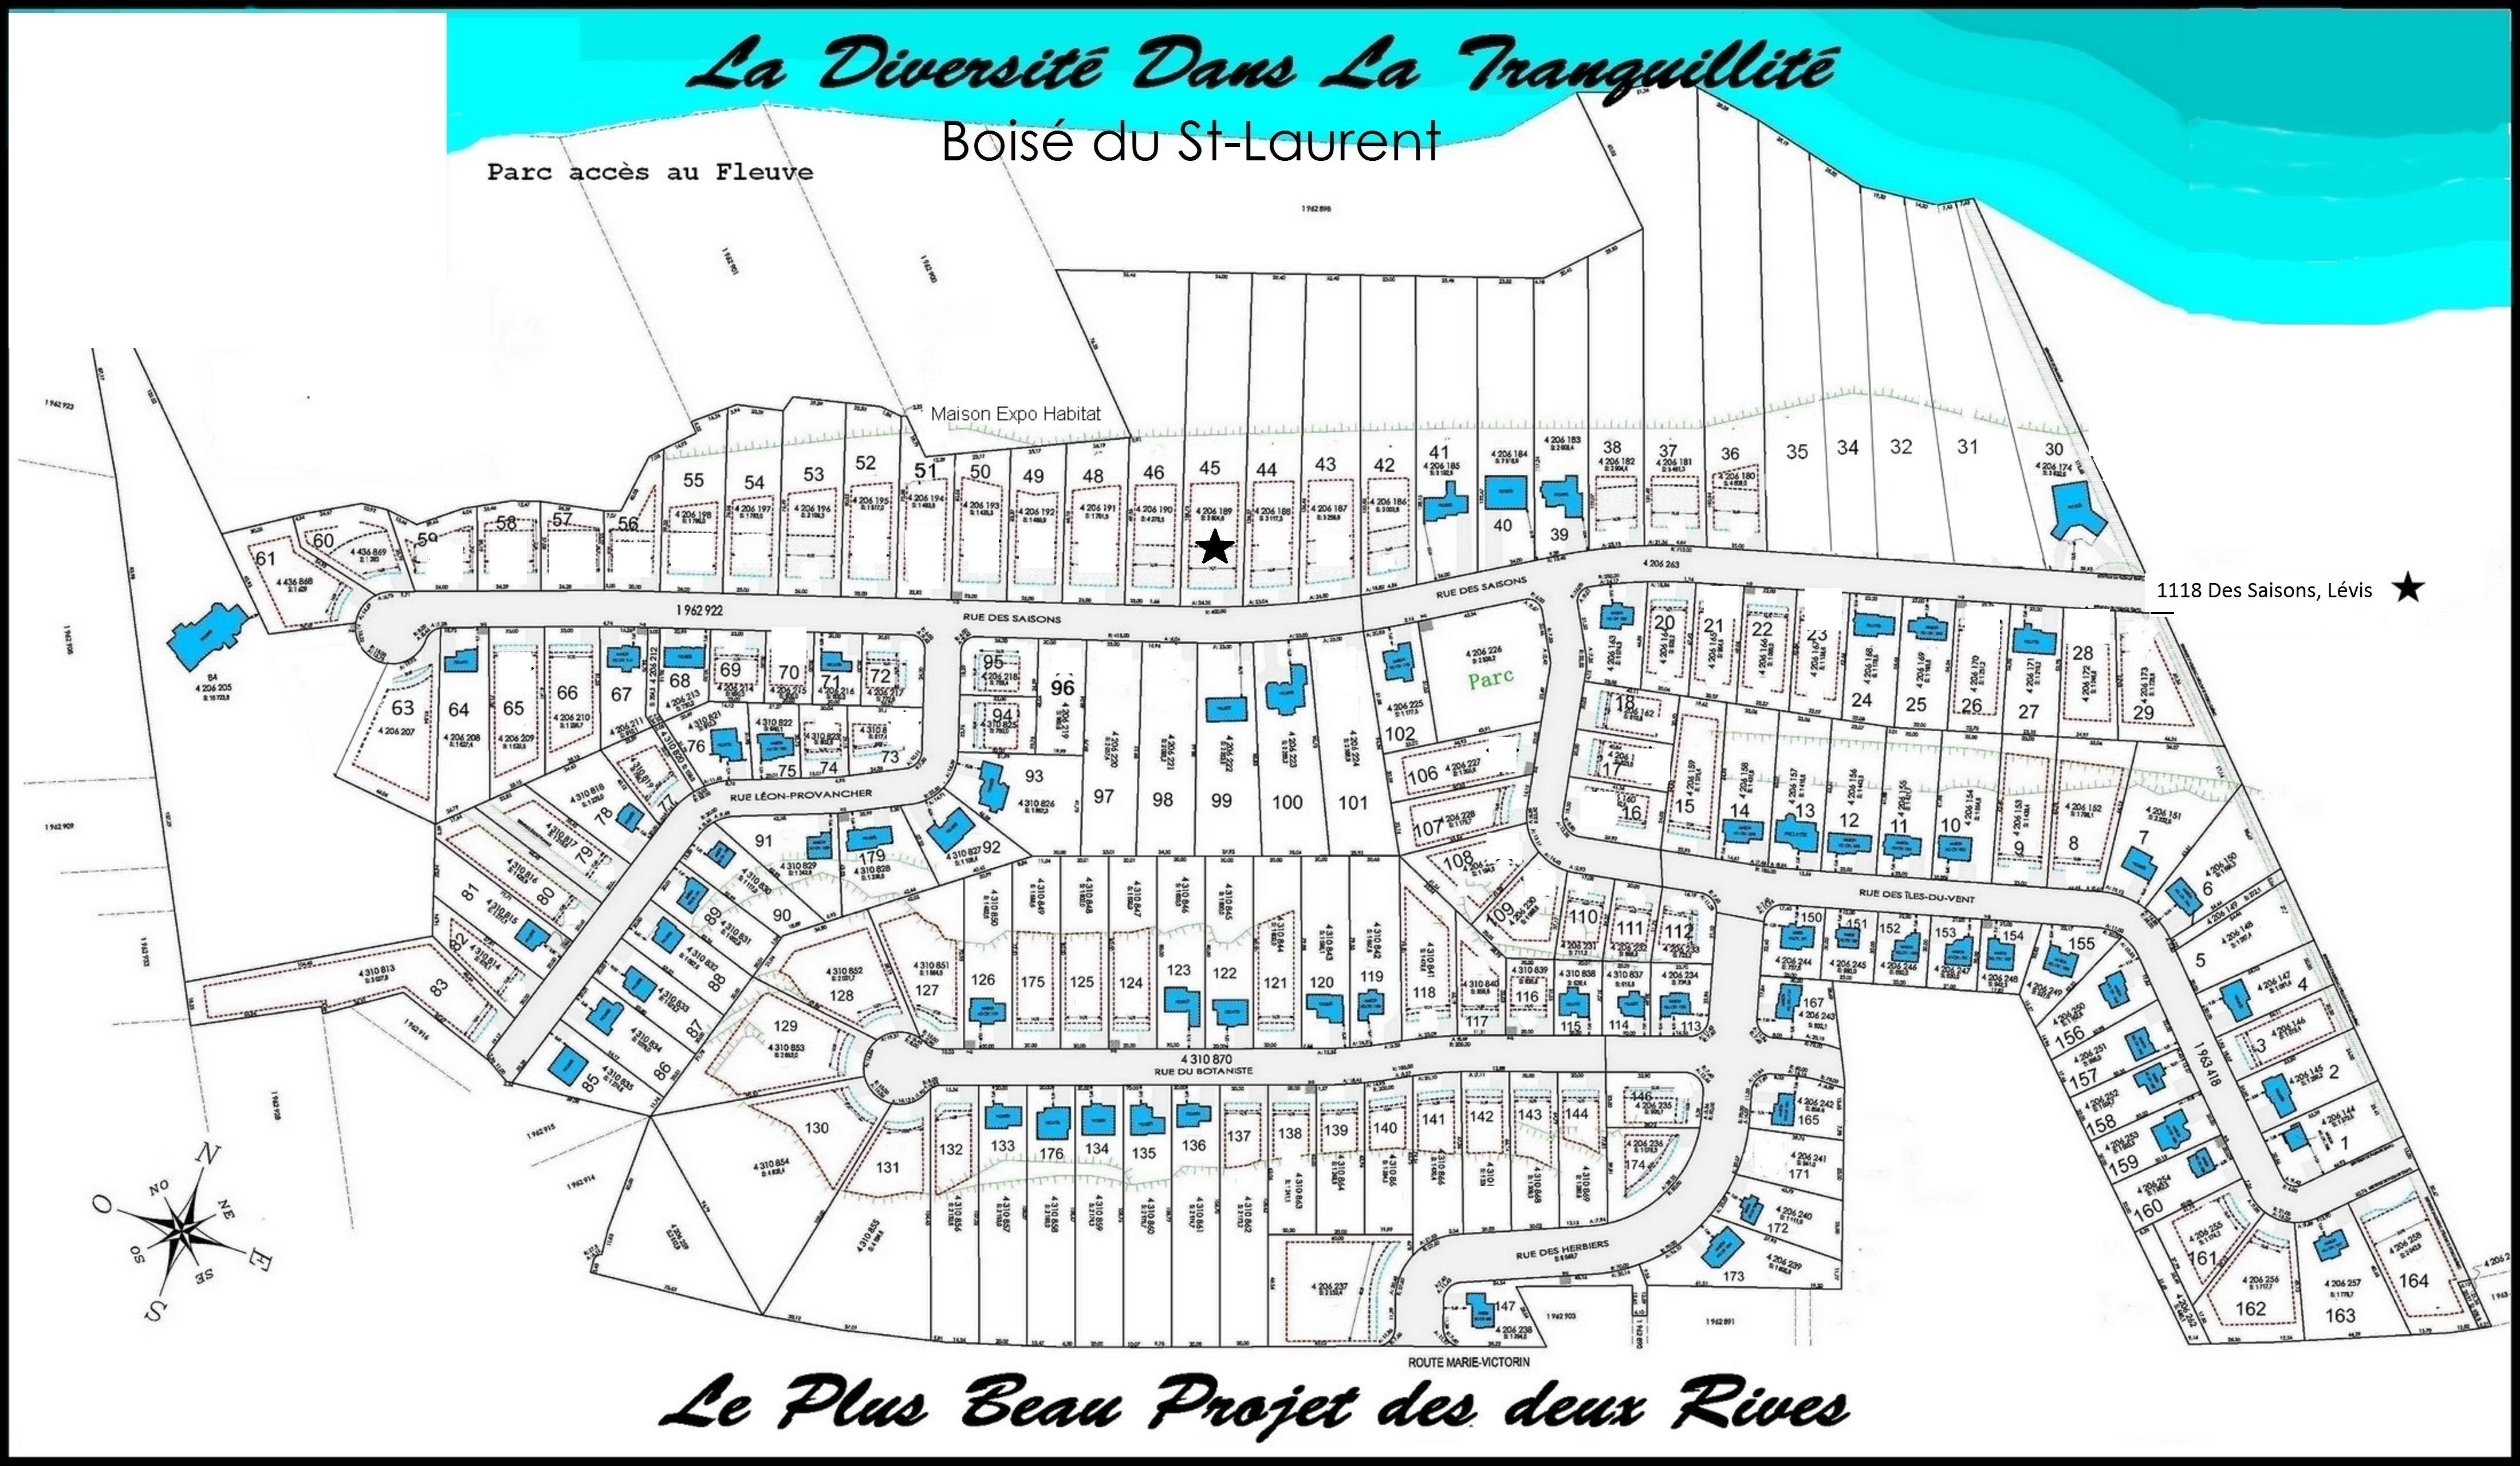 Plan Boisé du St-Laurent